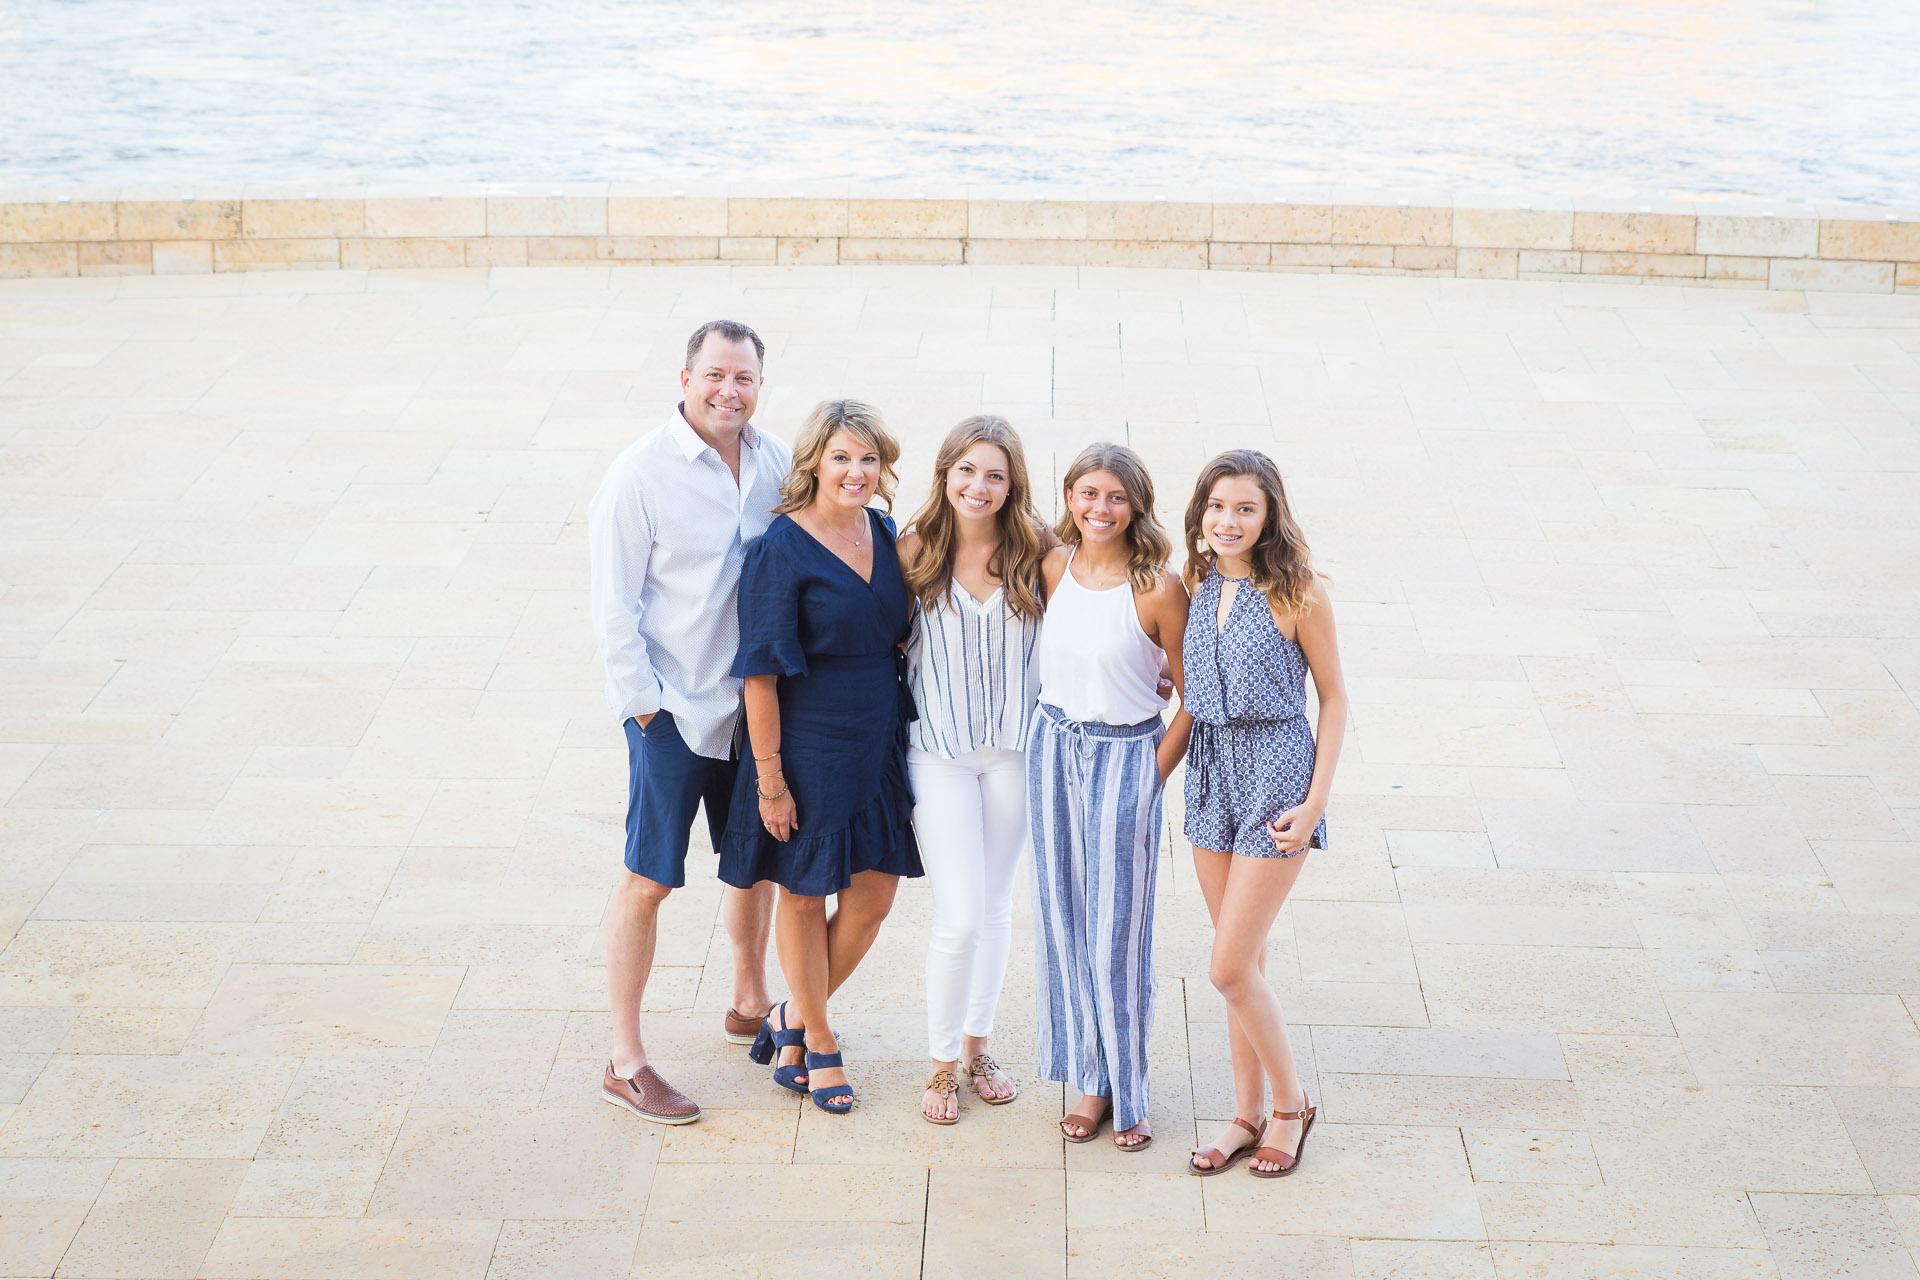 Family-Photographer-Des-Moines-19.jpg